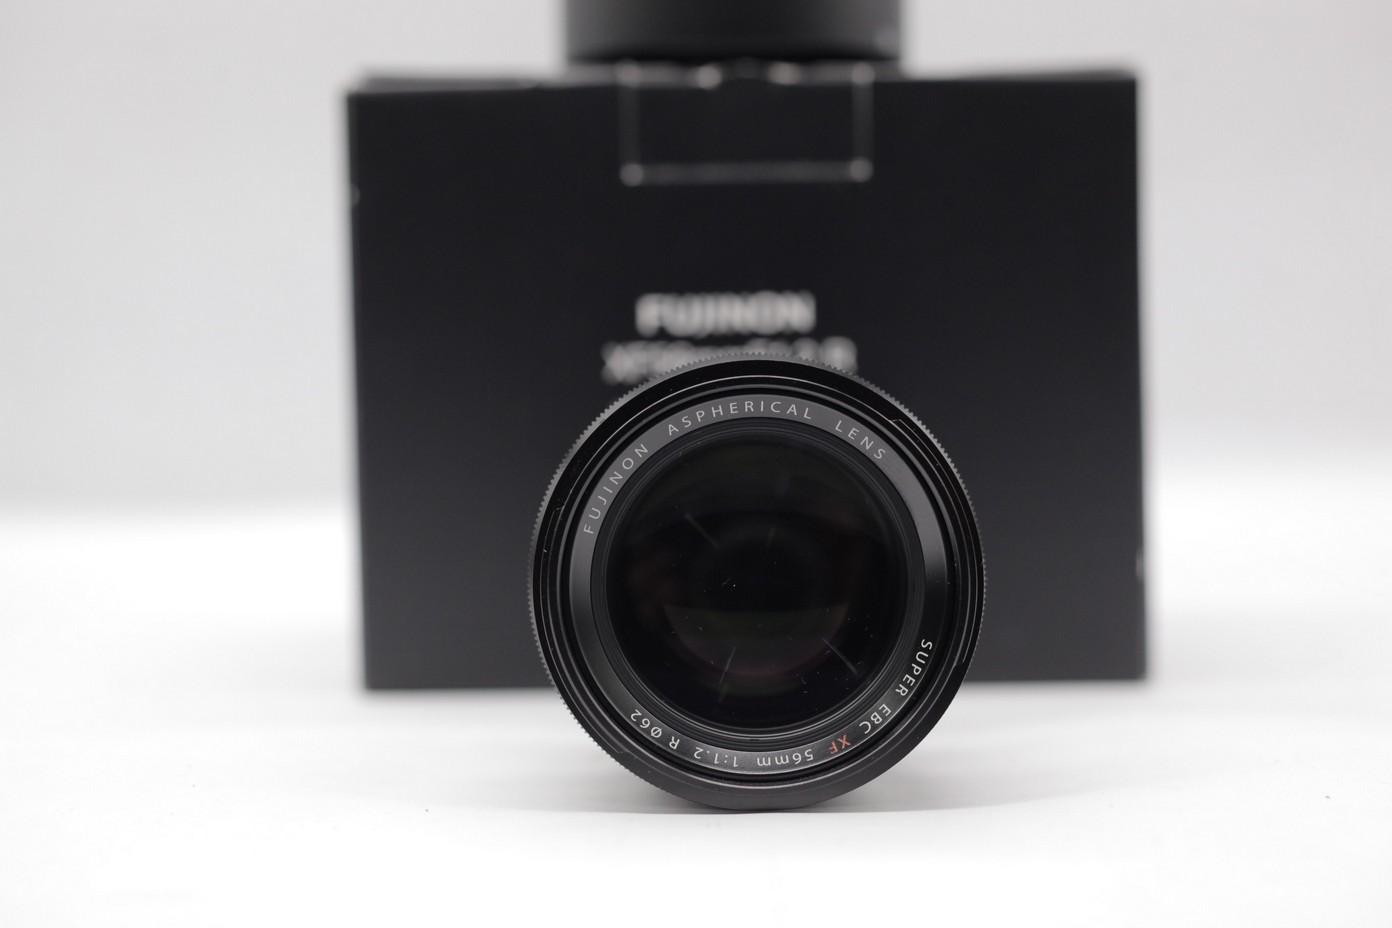 Harga Fuji 56mm Update 2018 Fujinon Xf56mm F 12 R Used Fujifilm Xf F12 Lens Out Of Stock